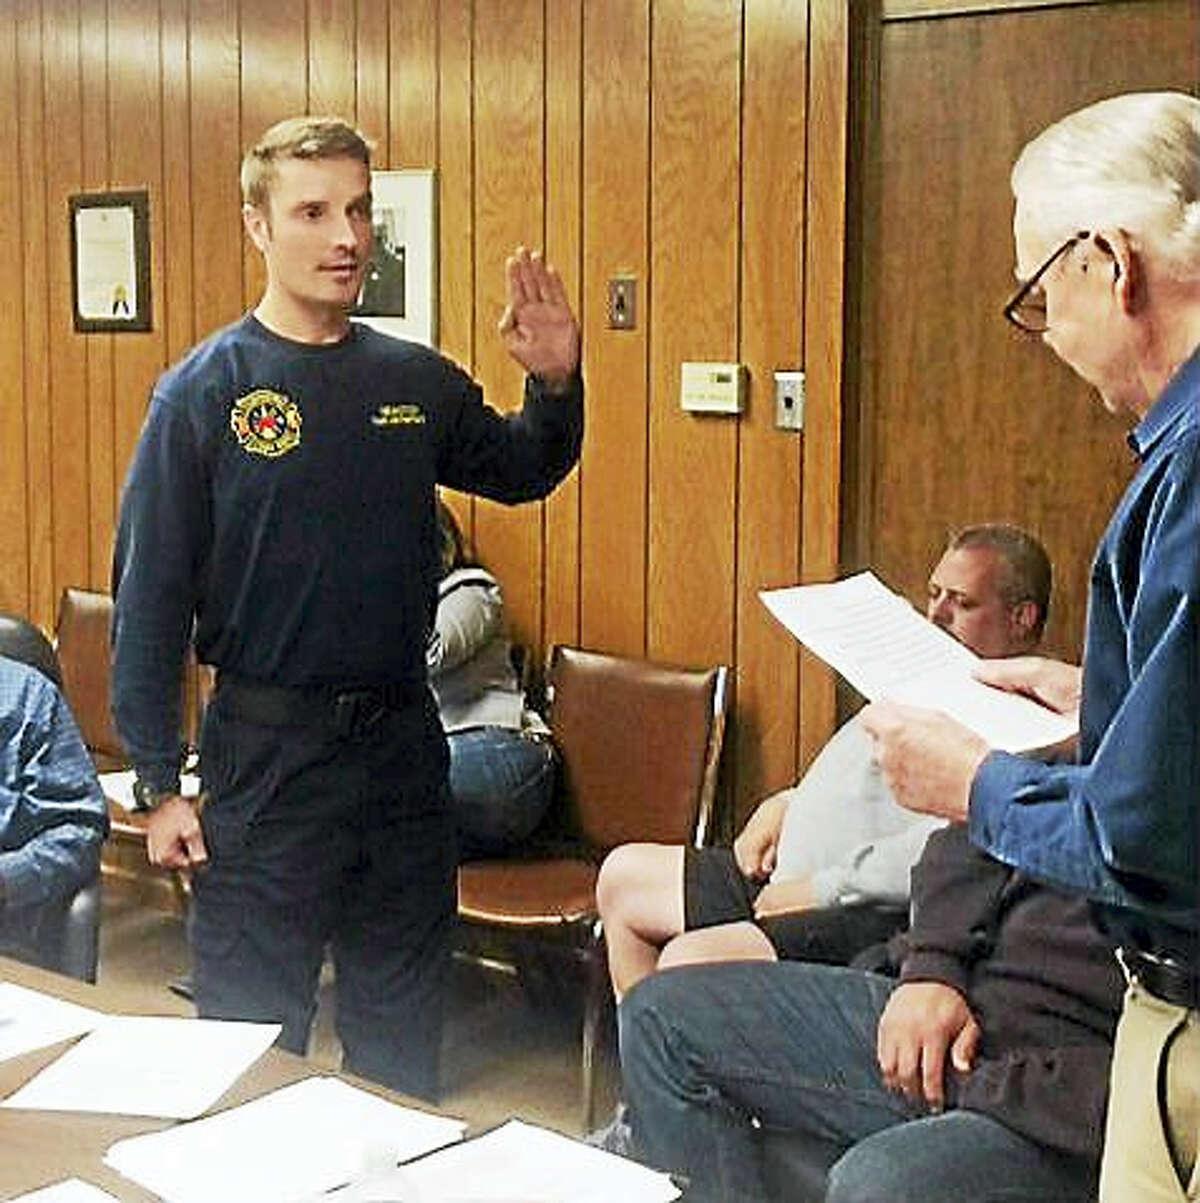 Westfield Fire District firefighter Scott Kotowski was sworn in as the new deputy fire marshal earlier this week in Middletown.